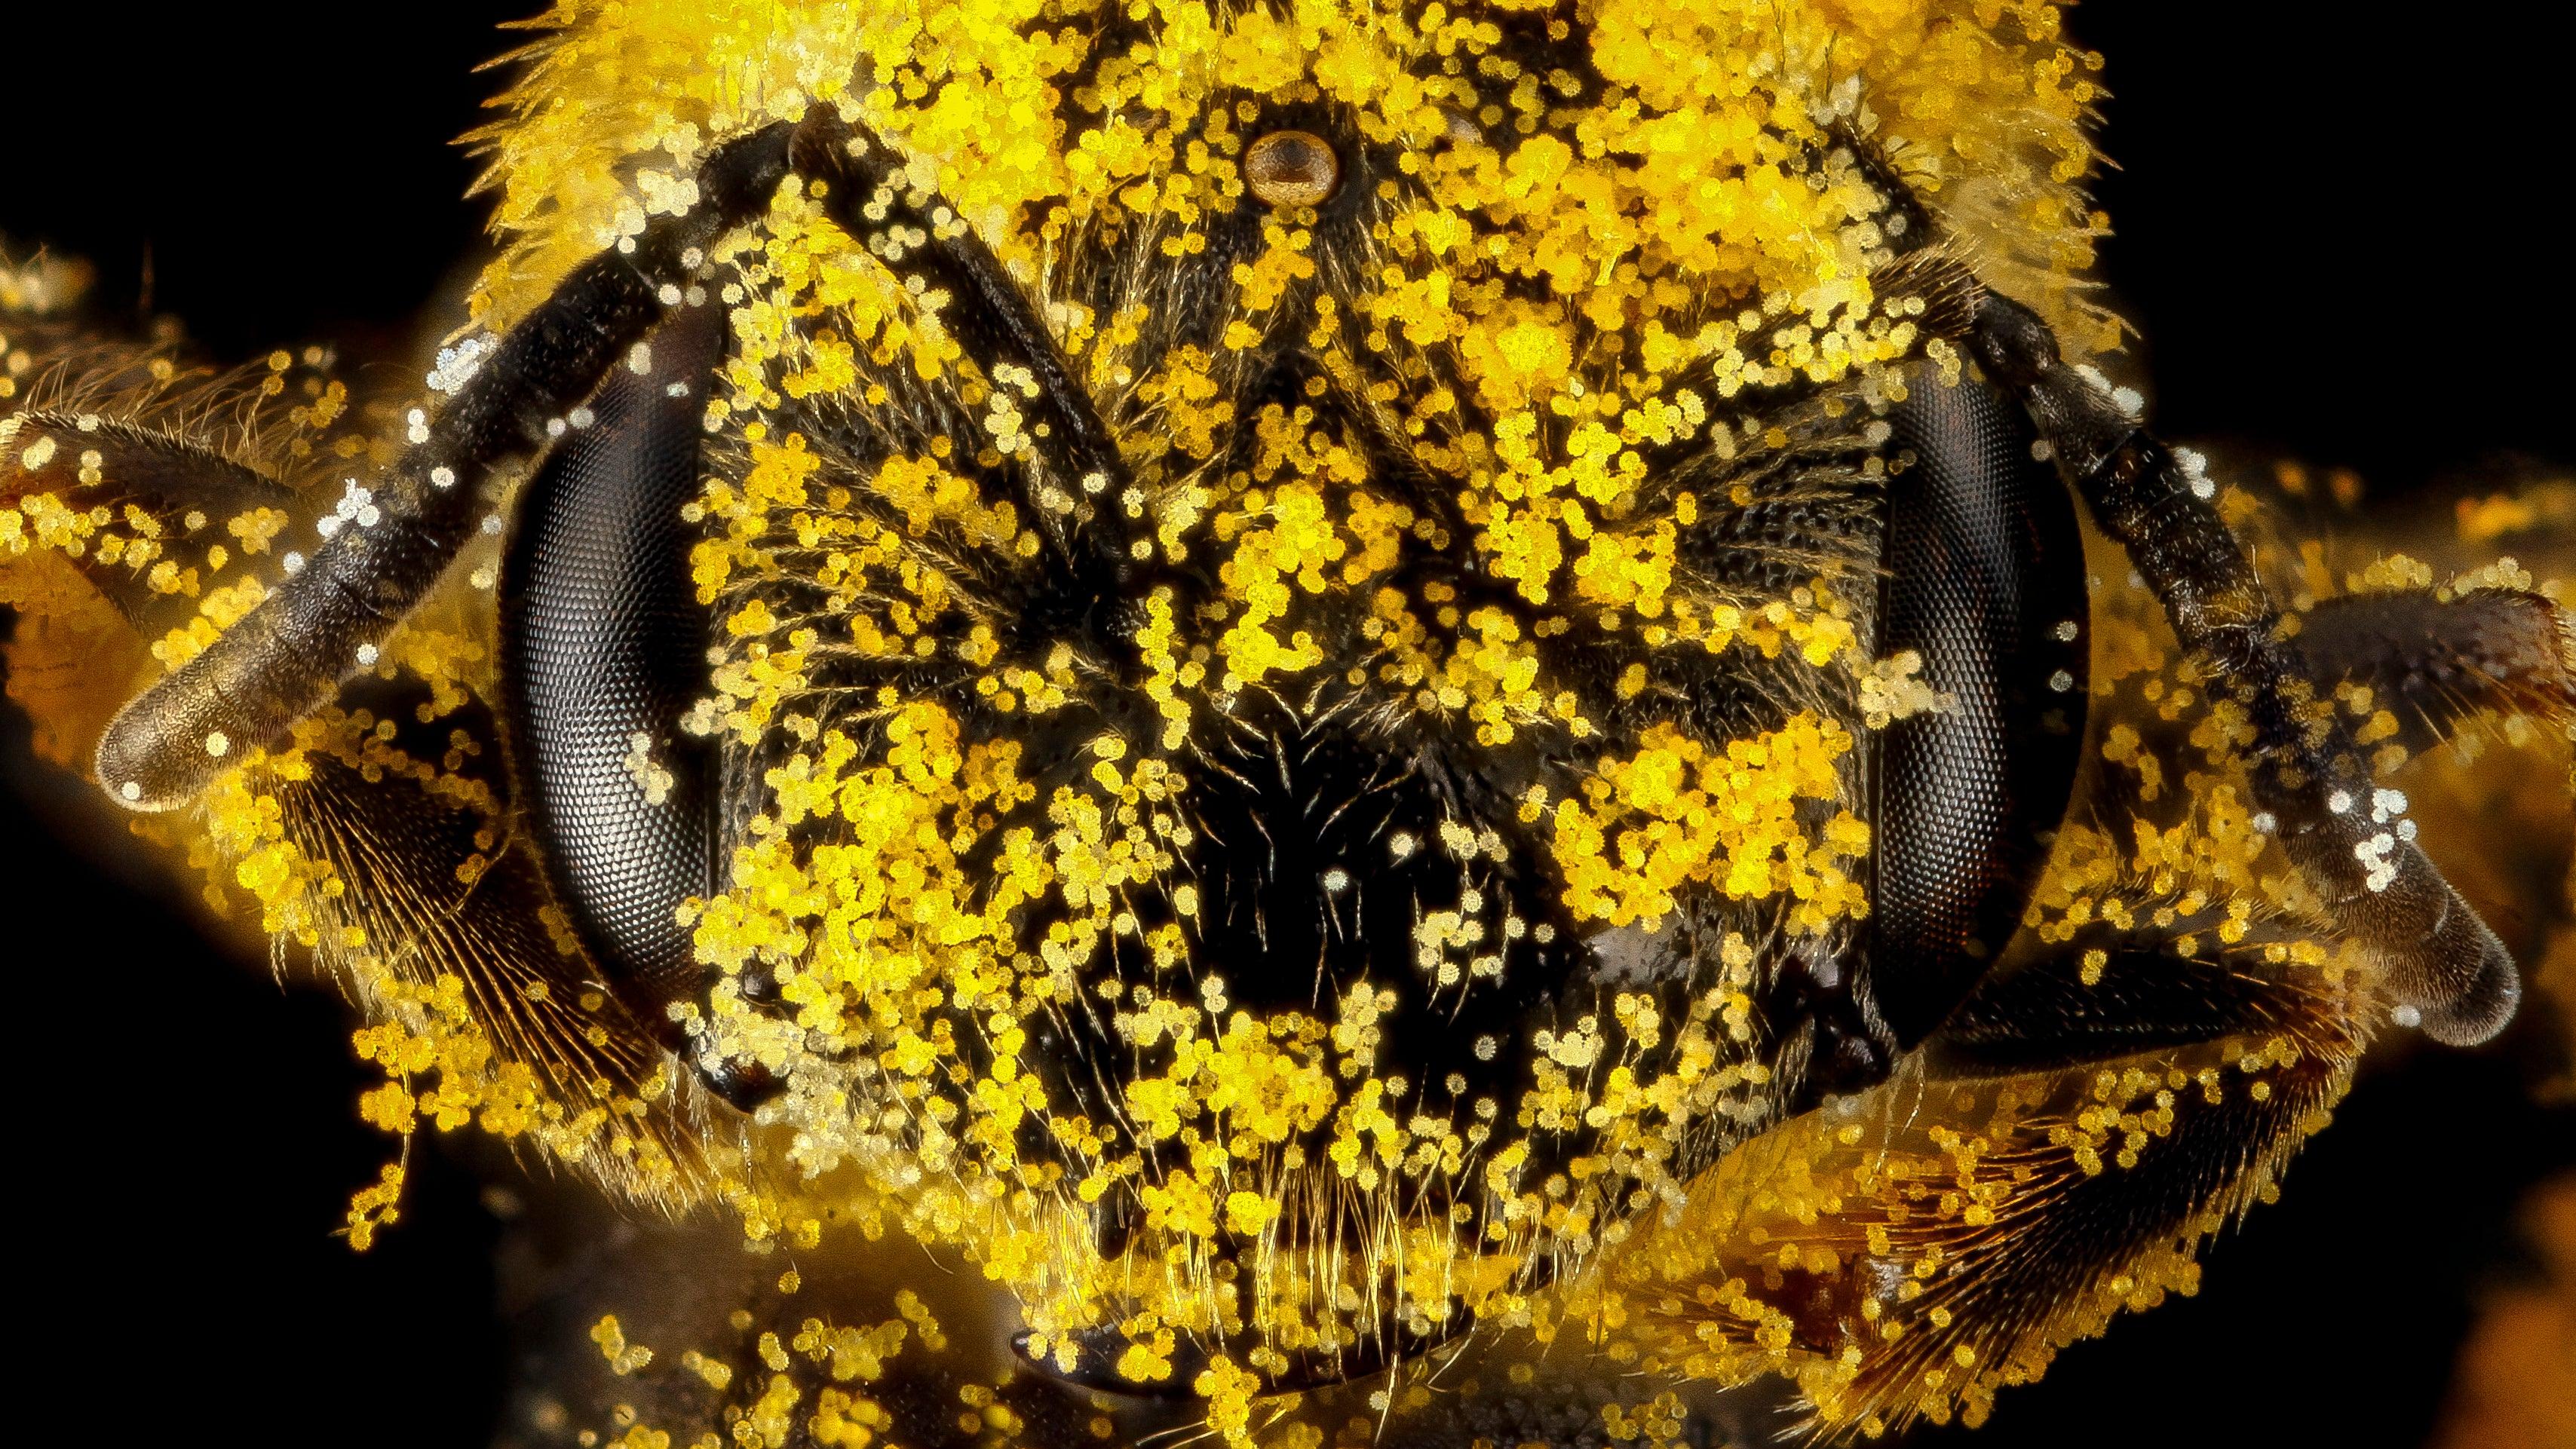 Fotografías de abejas que te harán estornudar